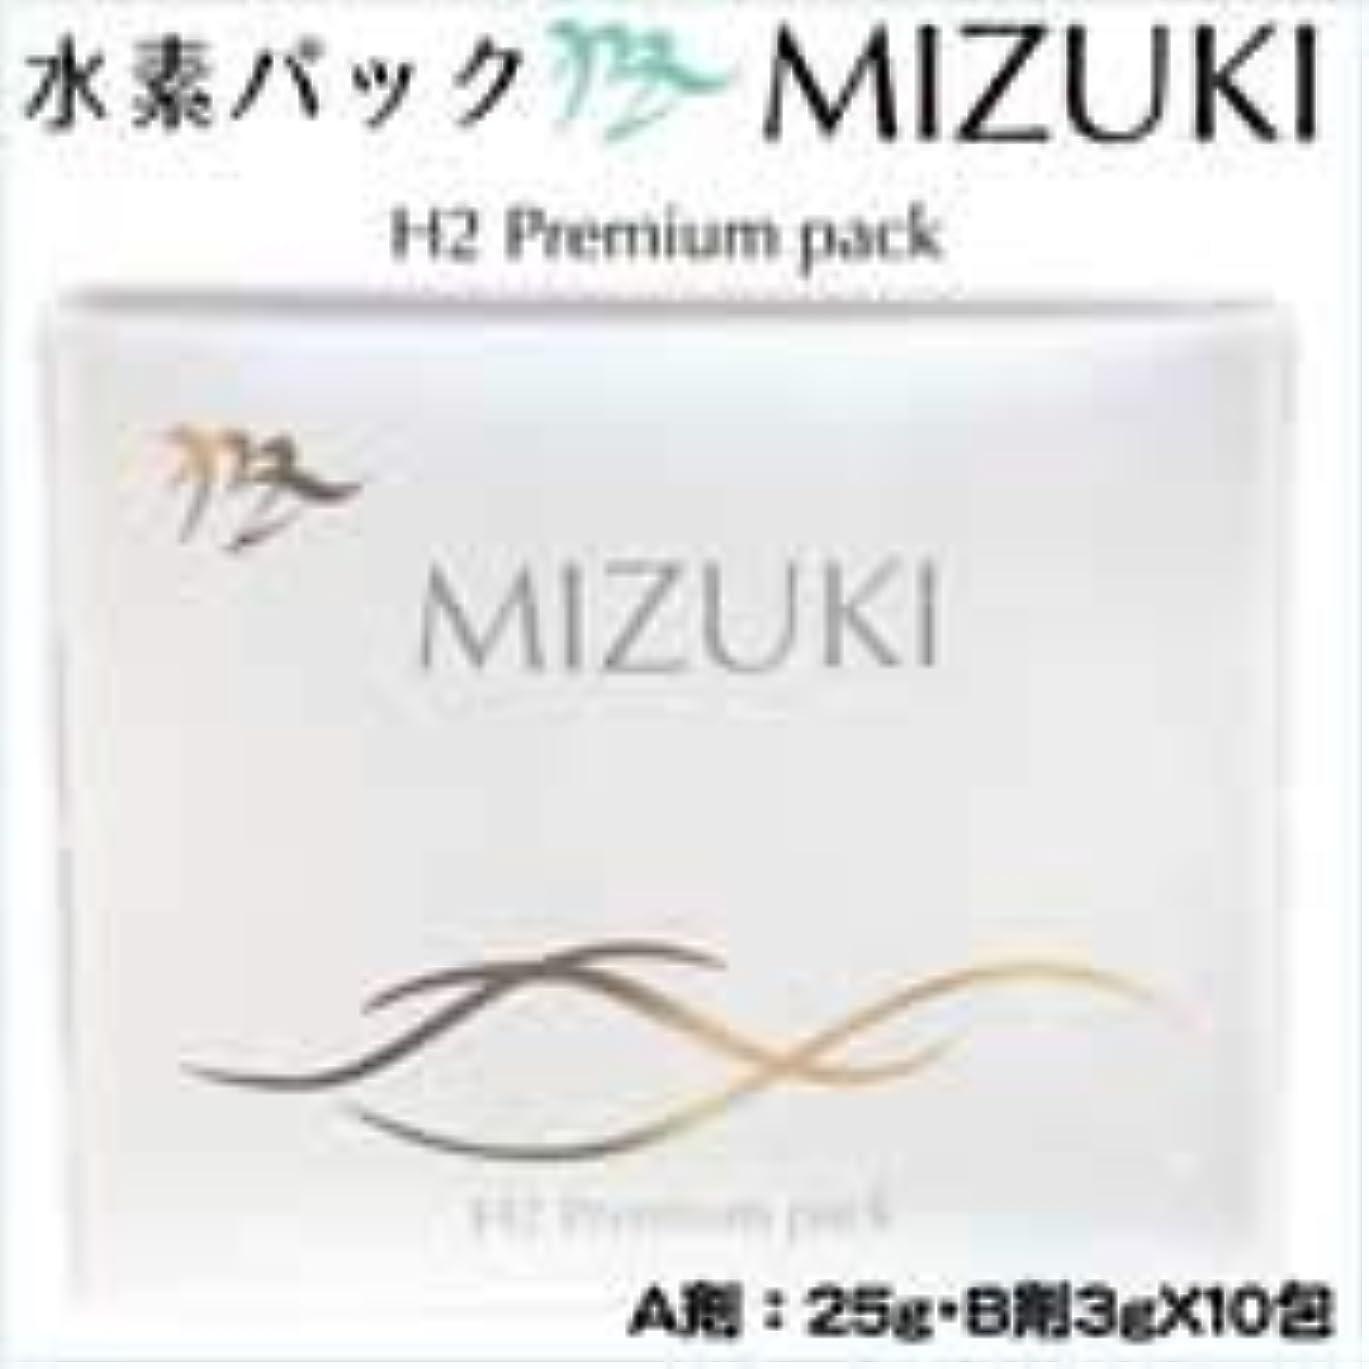 家事をする外科医小切手MIZUKI H2 Premium pack ミズキ プレミアムパック A剤:25g、B剤:3gX10包 スパチュラ付き